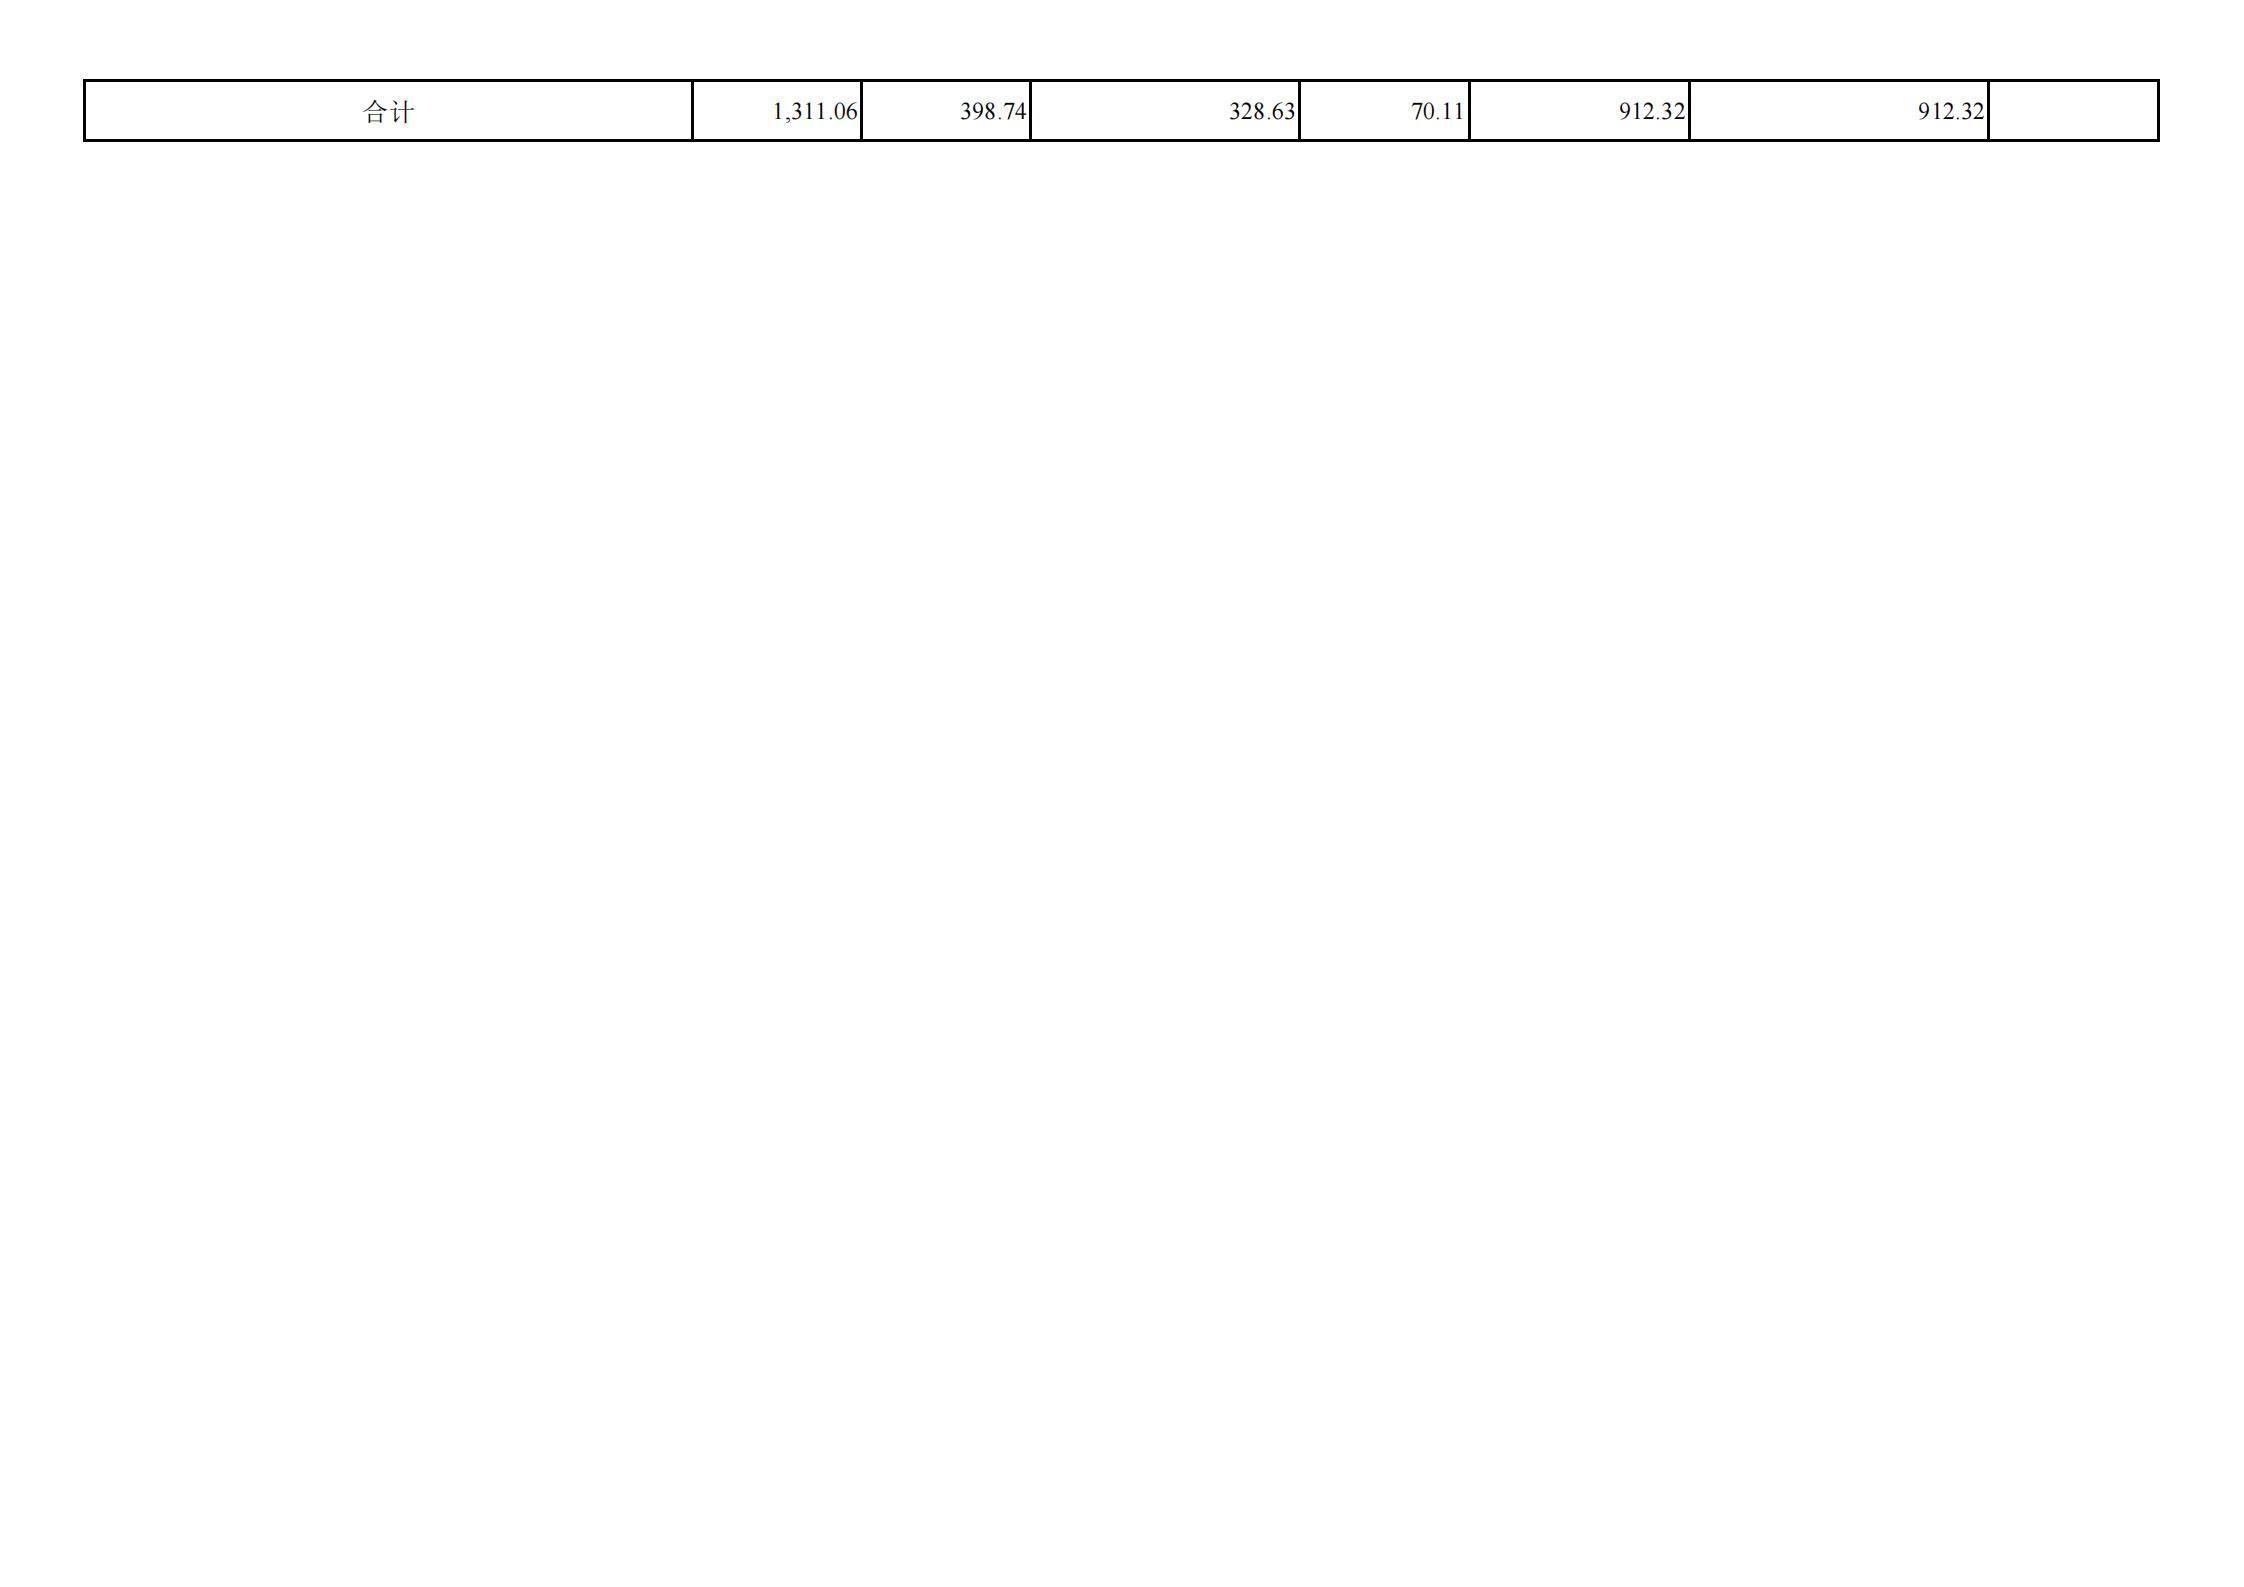 """共青团贵阳市委(本级)2021年度市级部门预算、""""三公""""经费预算公开说明(1)_17.png"""